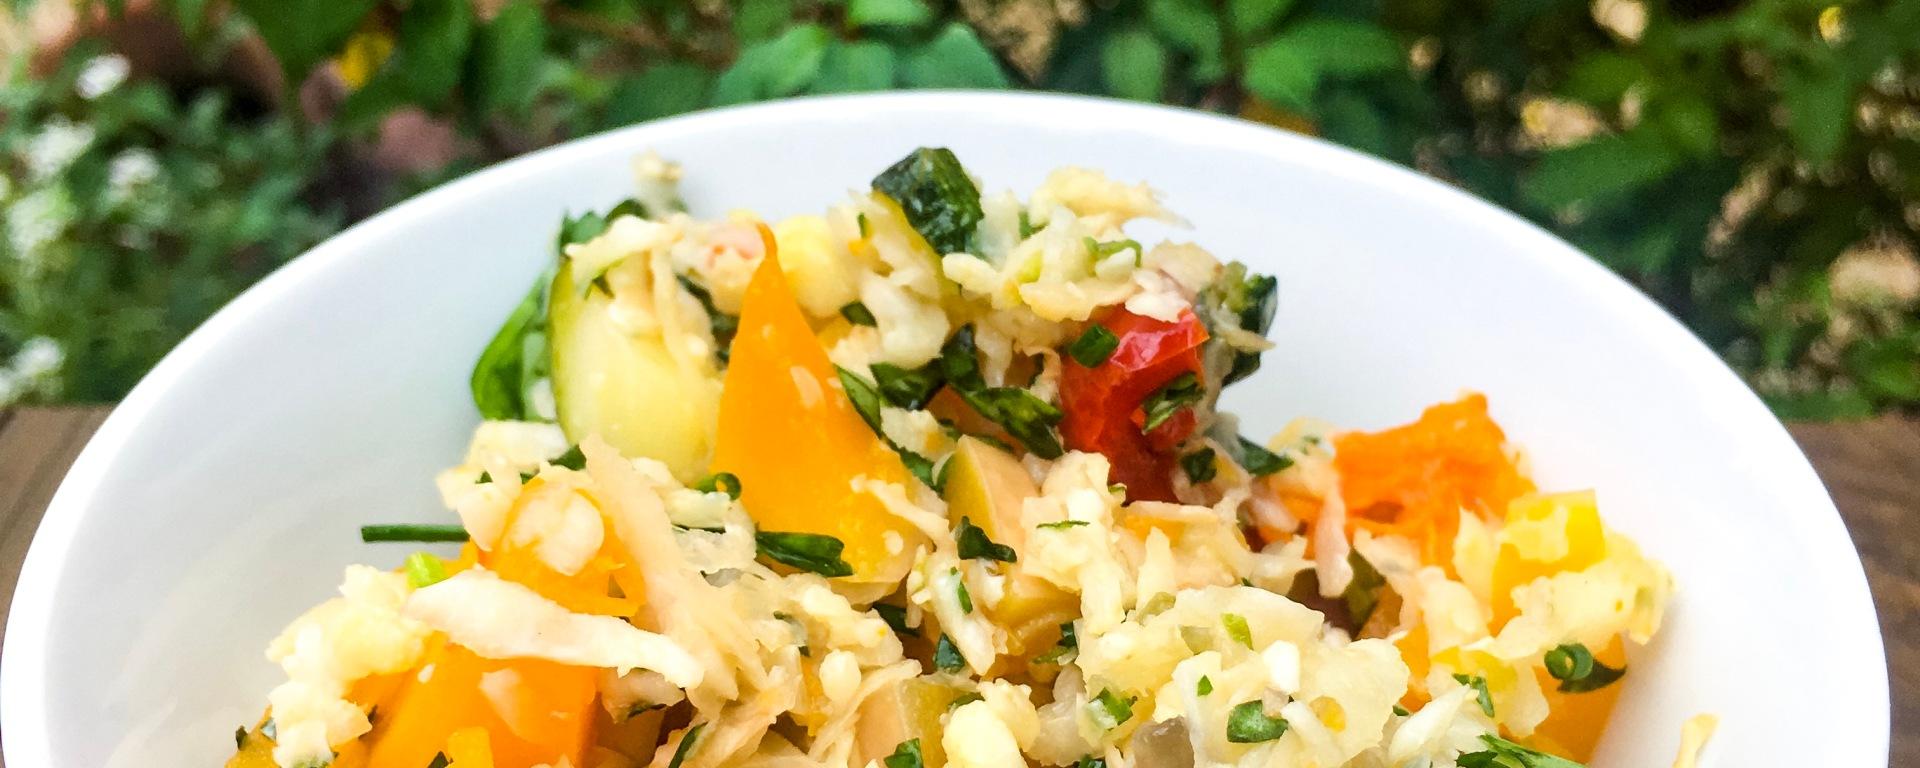 ensalada de coliarroz y verduras asadas